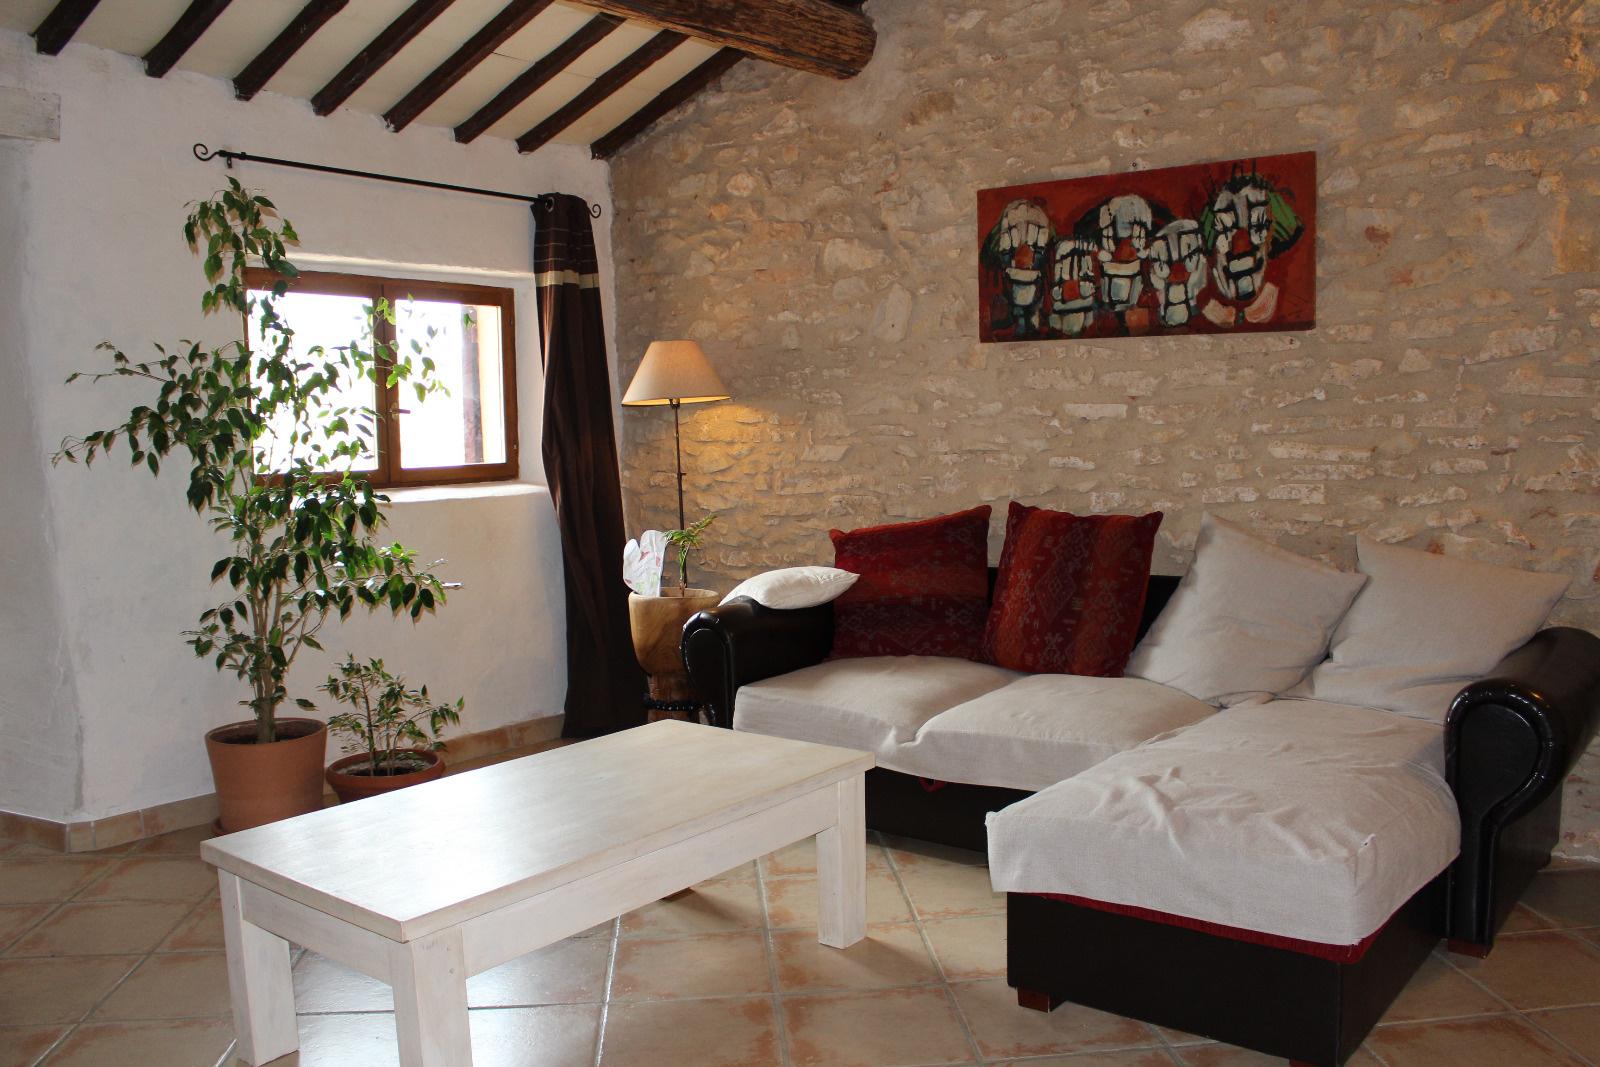 Vente maison/villa 4 pièces roussillon 84220